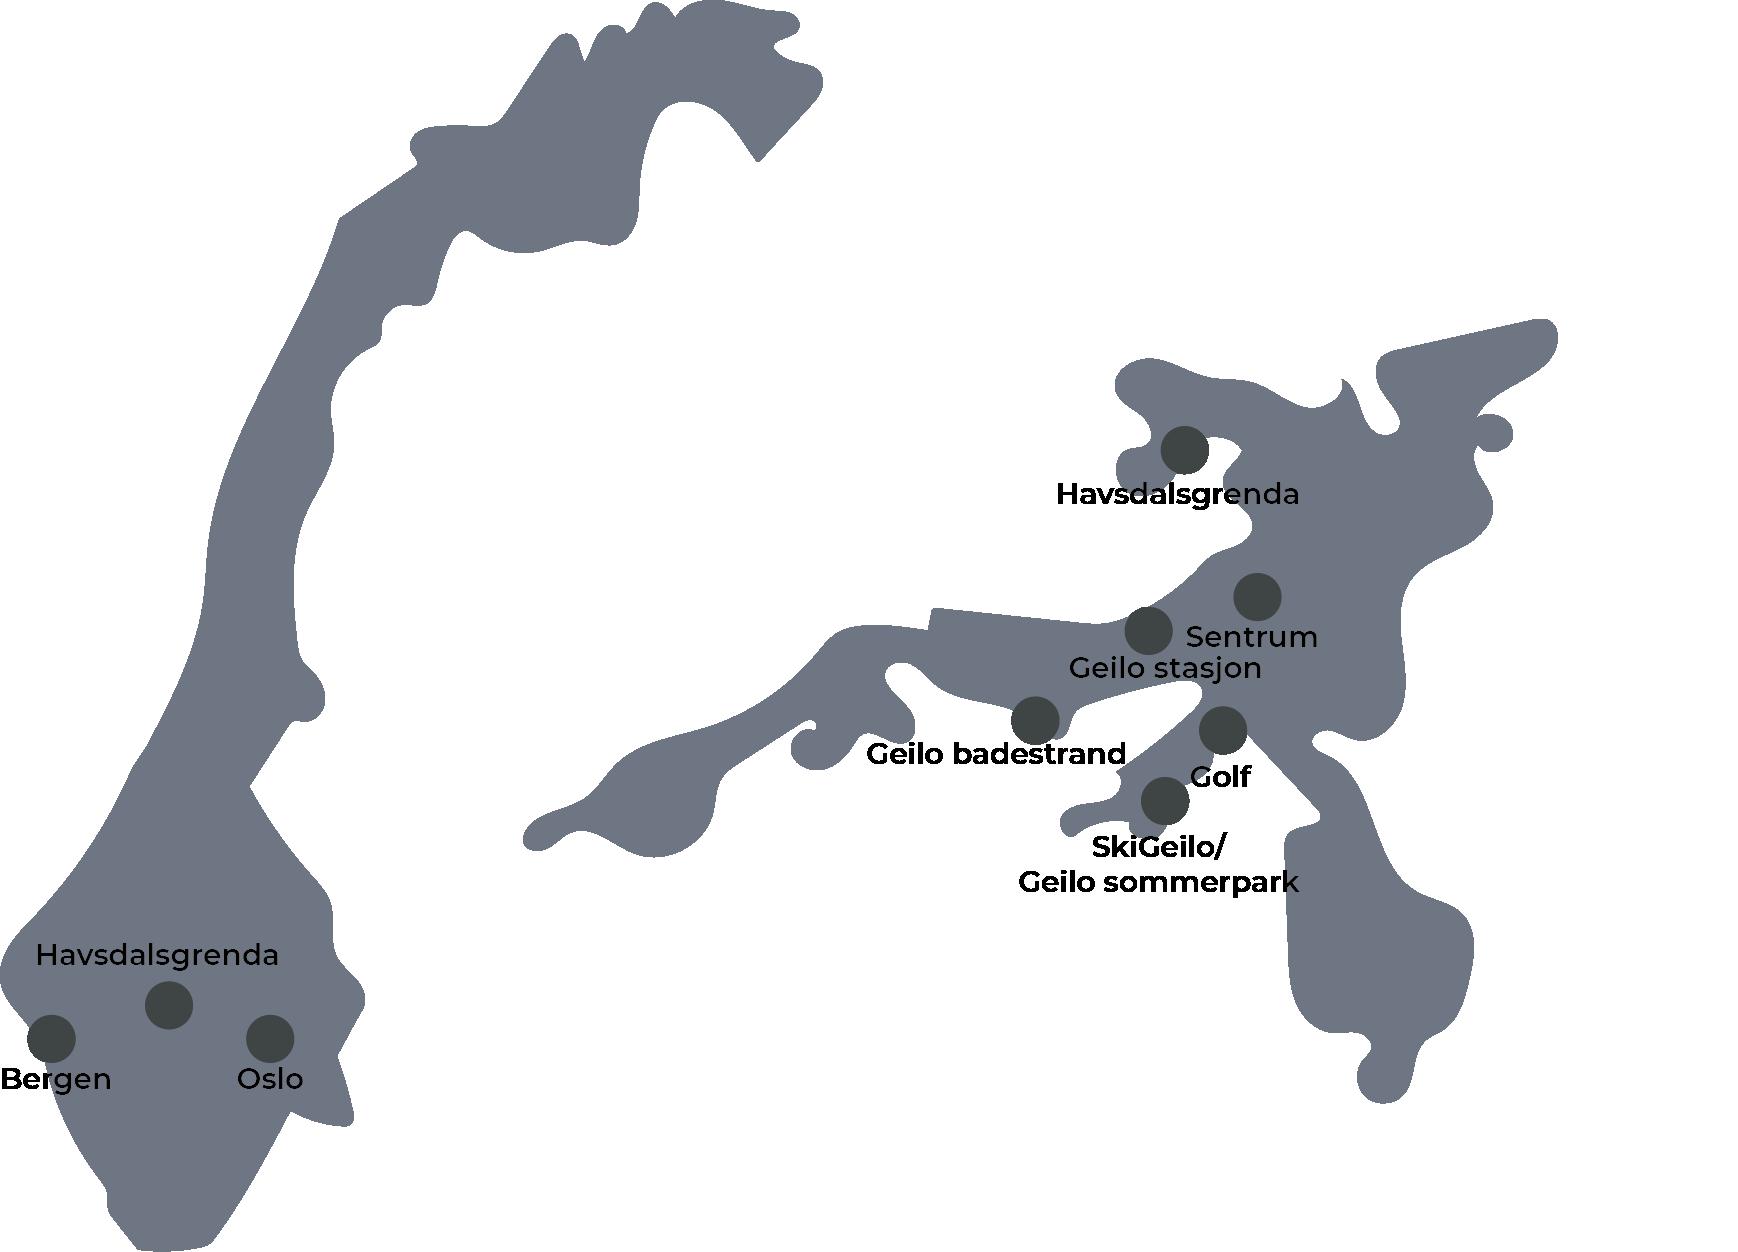 oversiktskart som viser Norge og Geilo